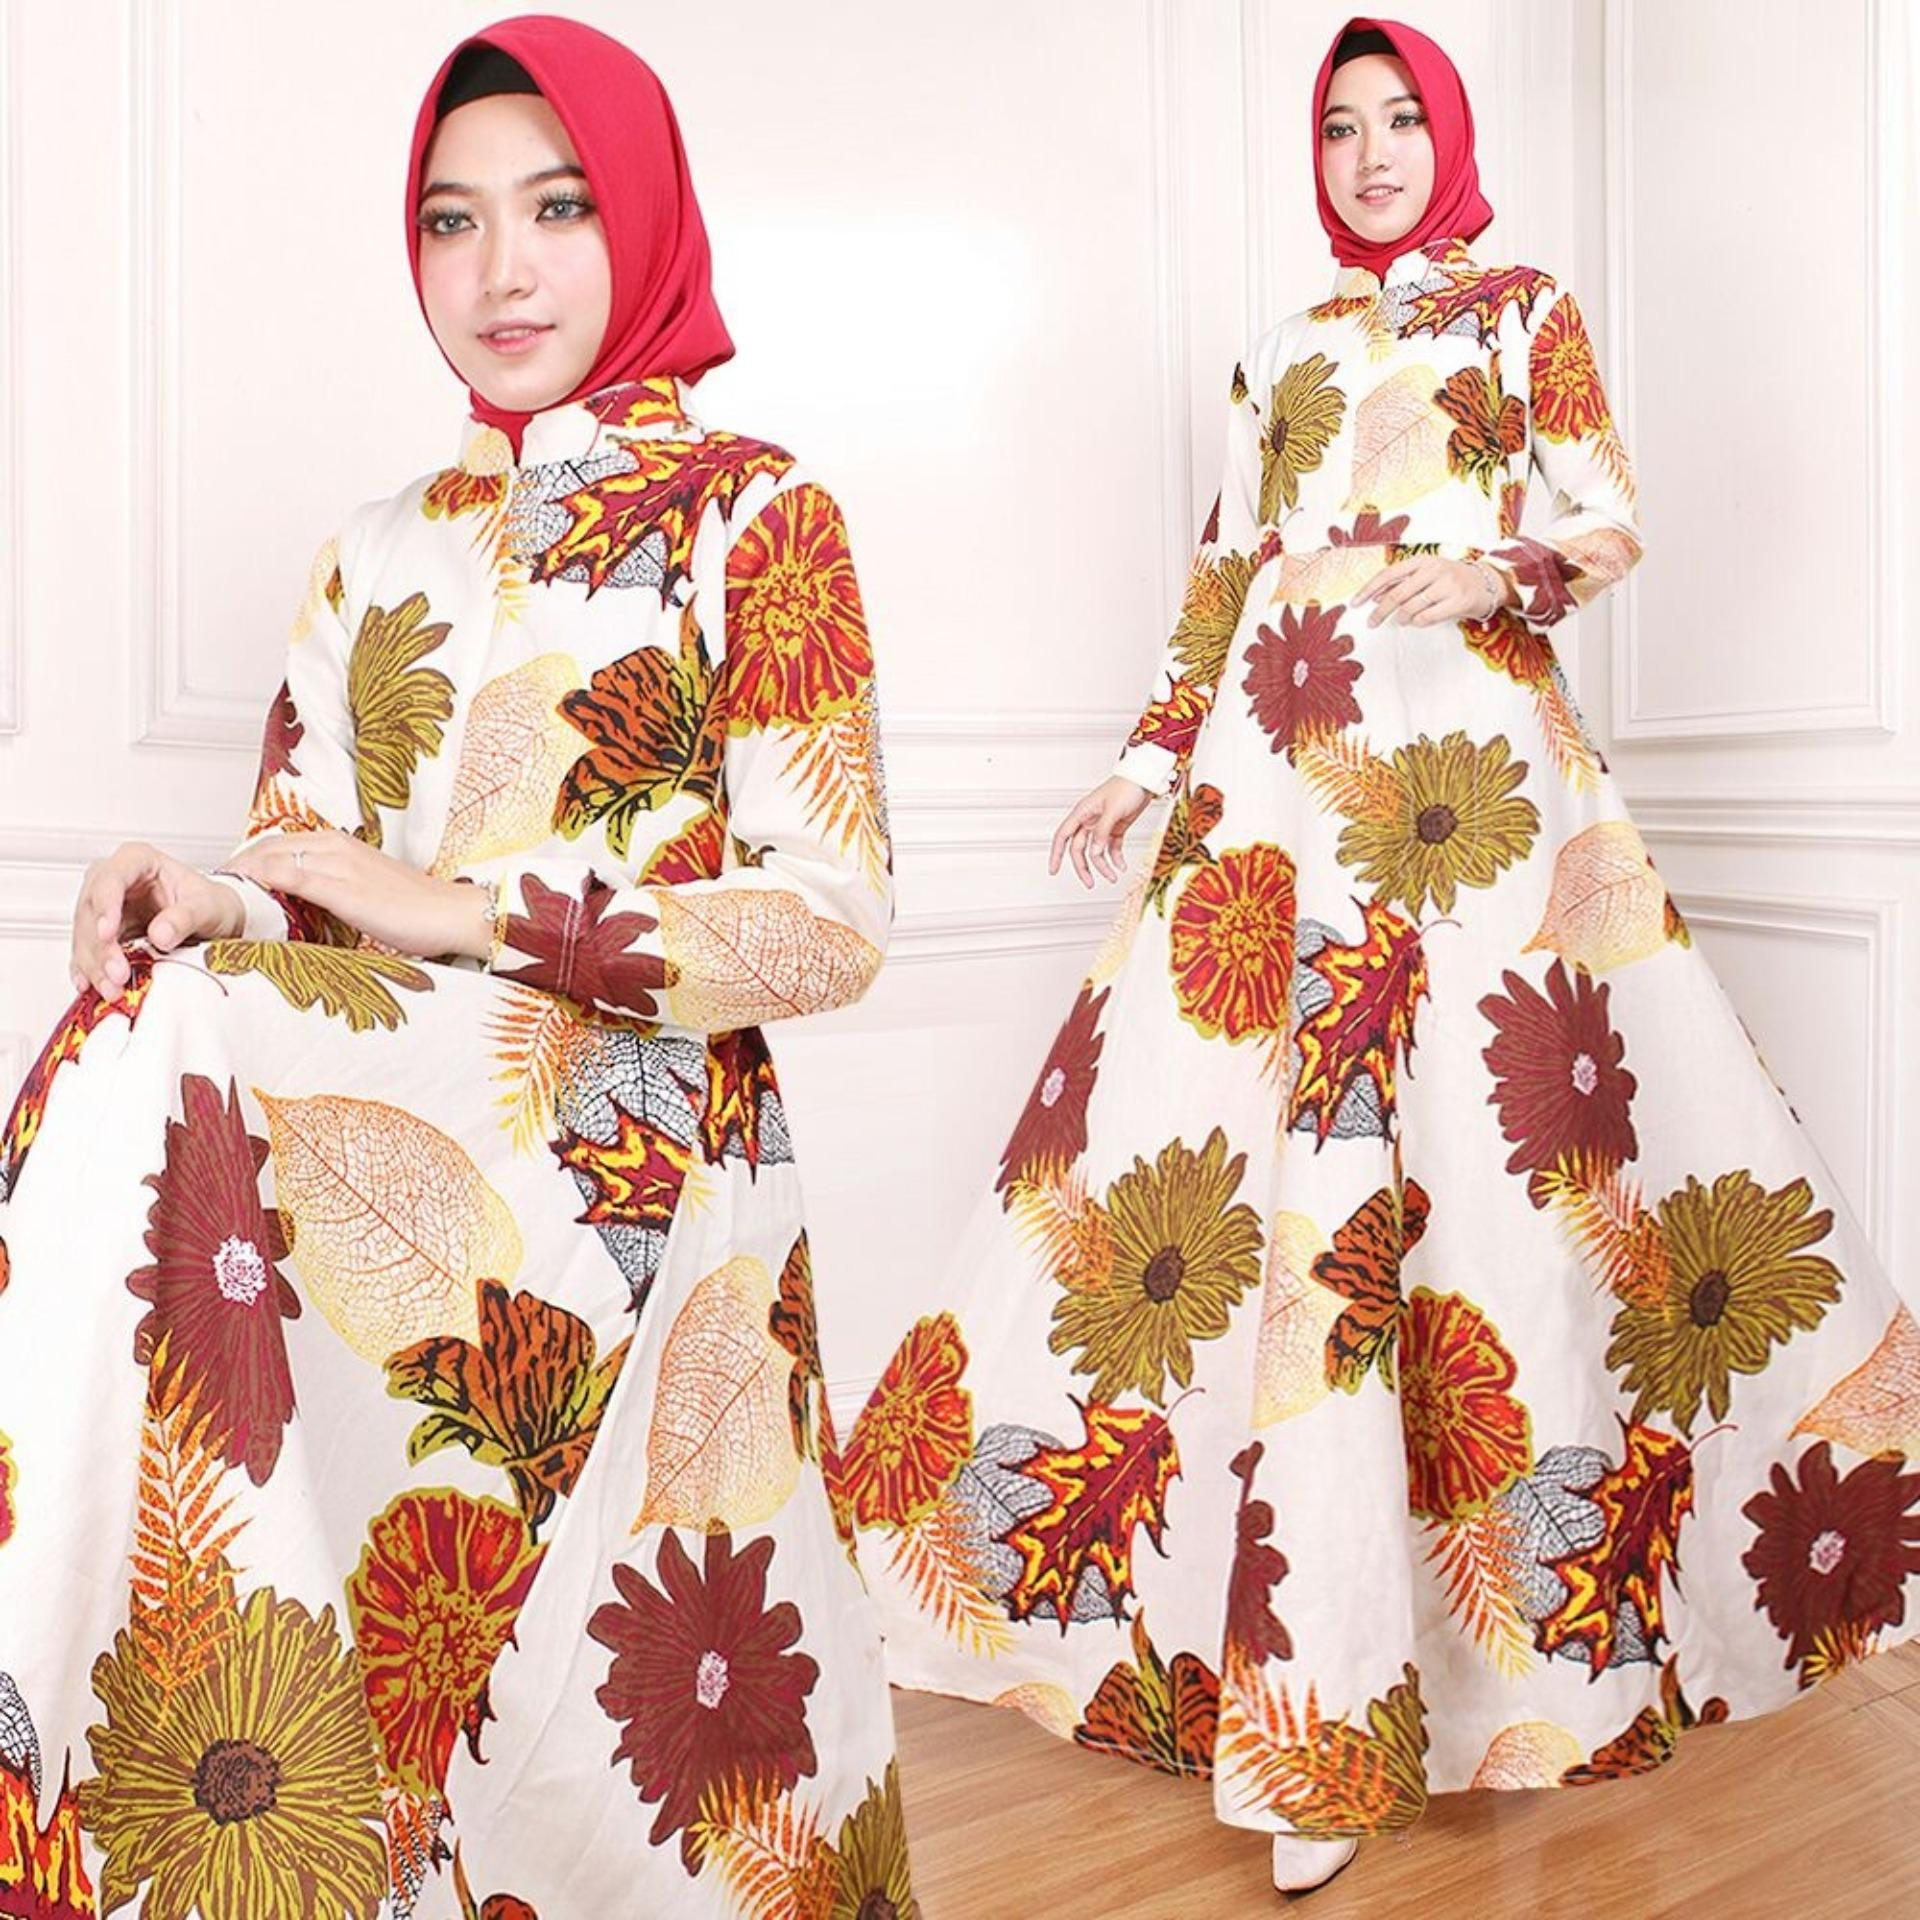 Vrichel Collection Maxi / Dress / Gamis / Syari / Maxi Dress Indah